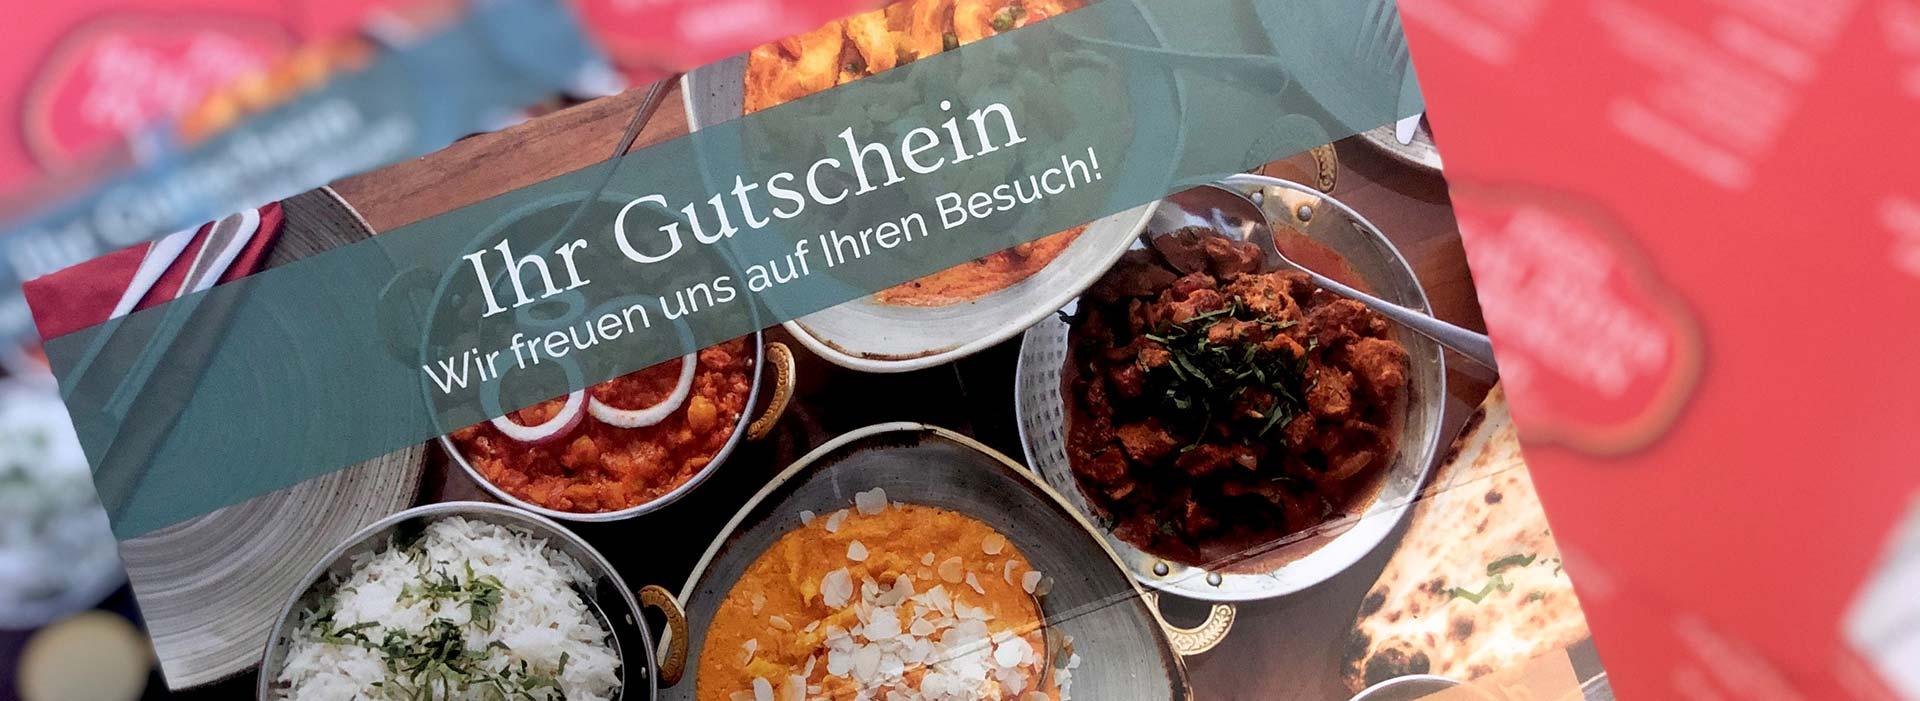 Amrit Gutschein Banner